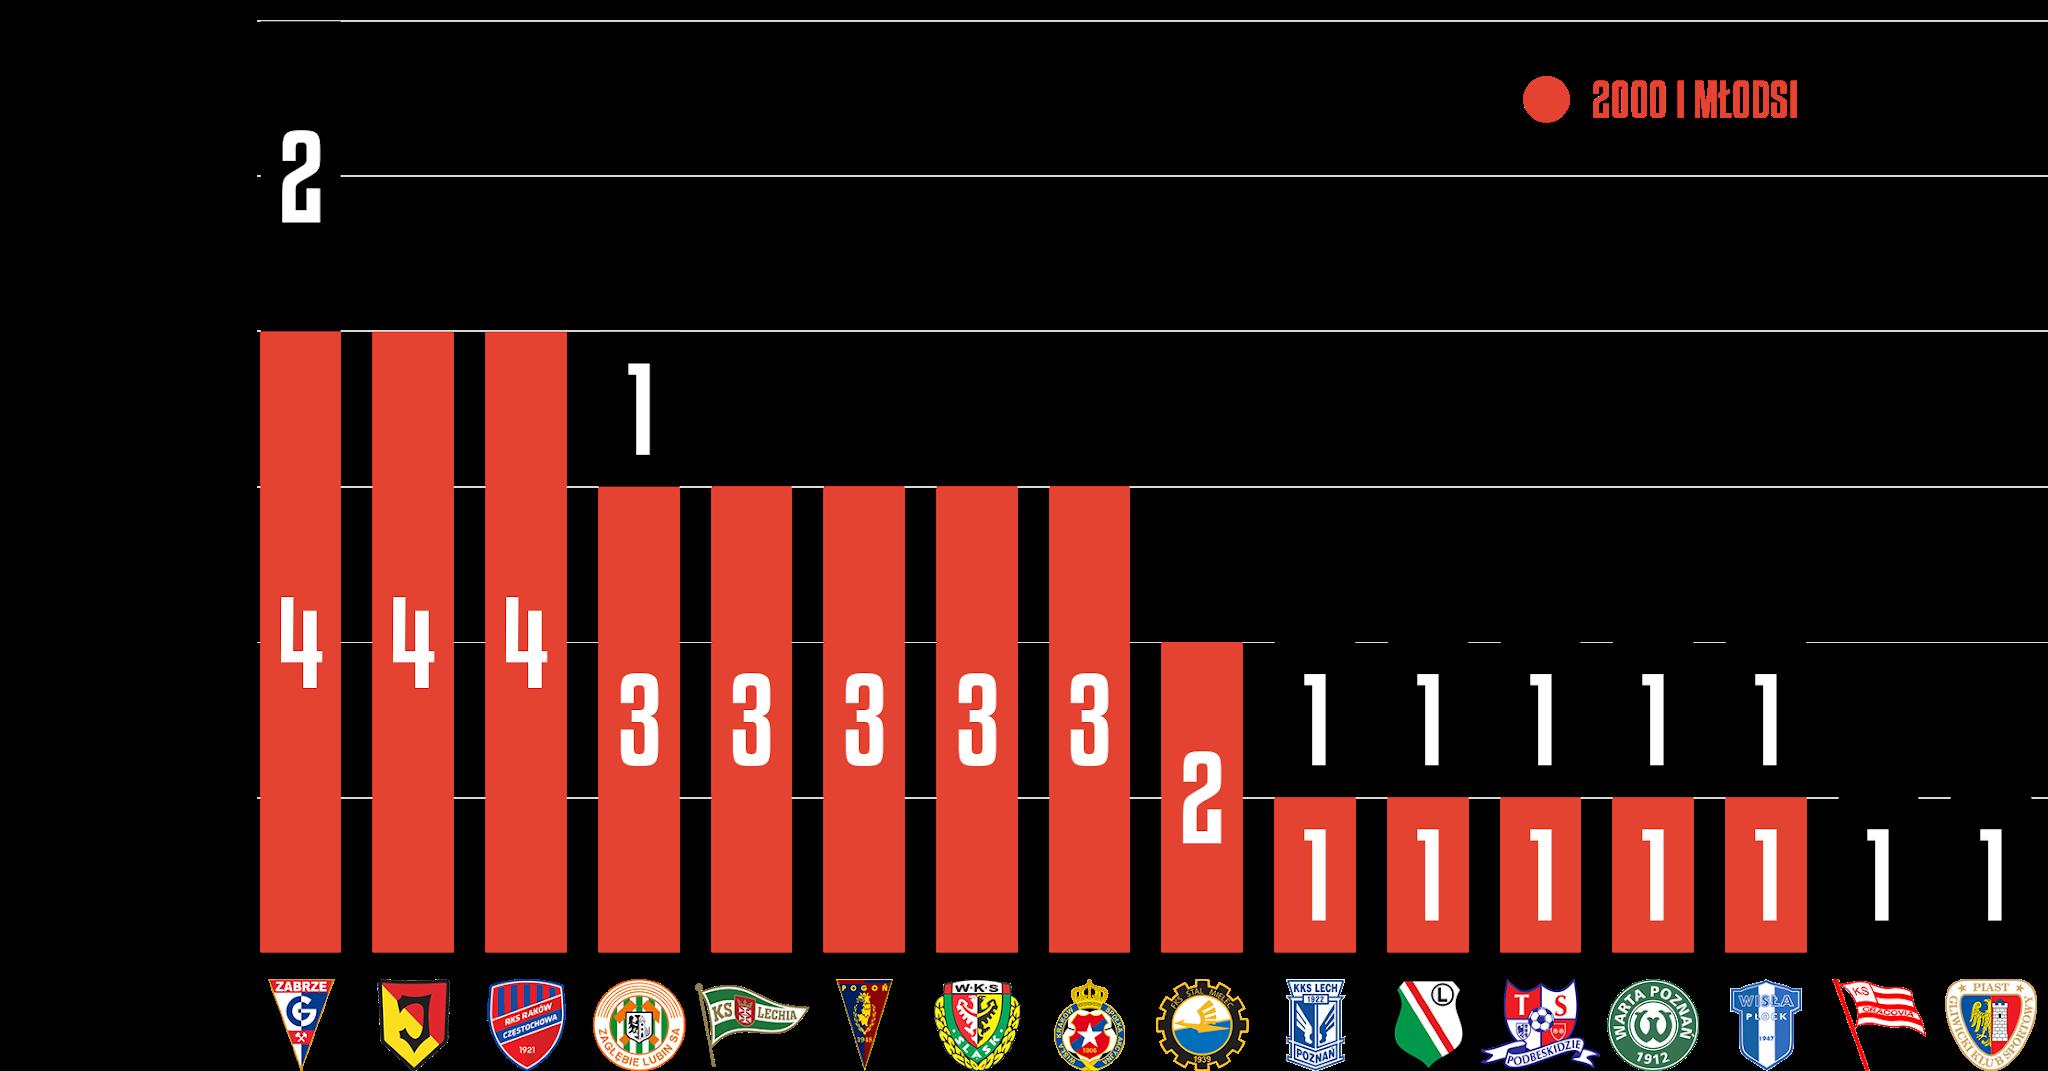 Młodzieżowcy w 25. kolejce PKO Ekstraklasy<br><br>Źródło: Opracowanie własne na podstawie ekstrastats.pl<br><br>graf. Bartosz Urban